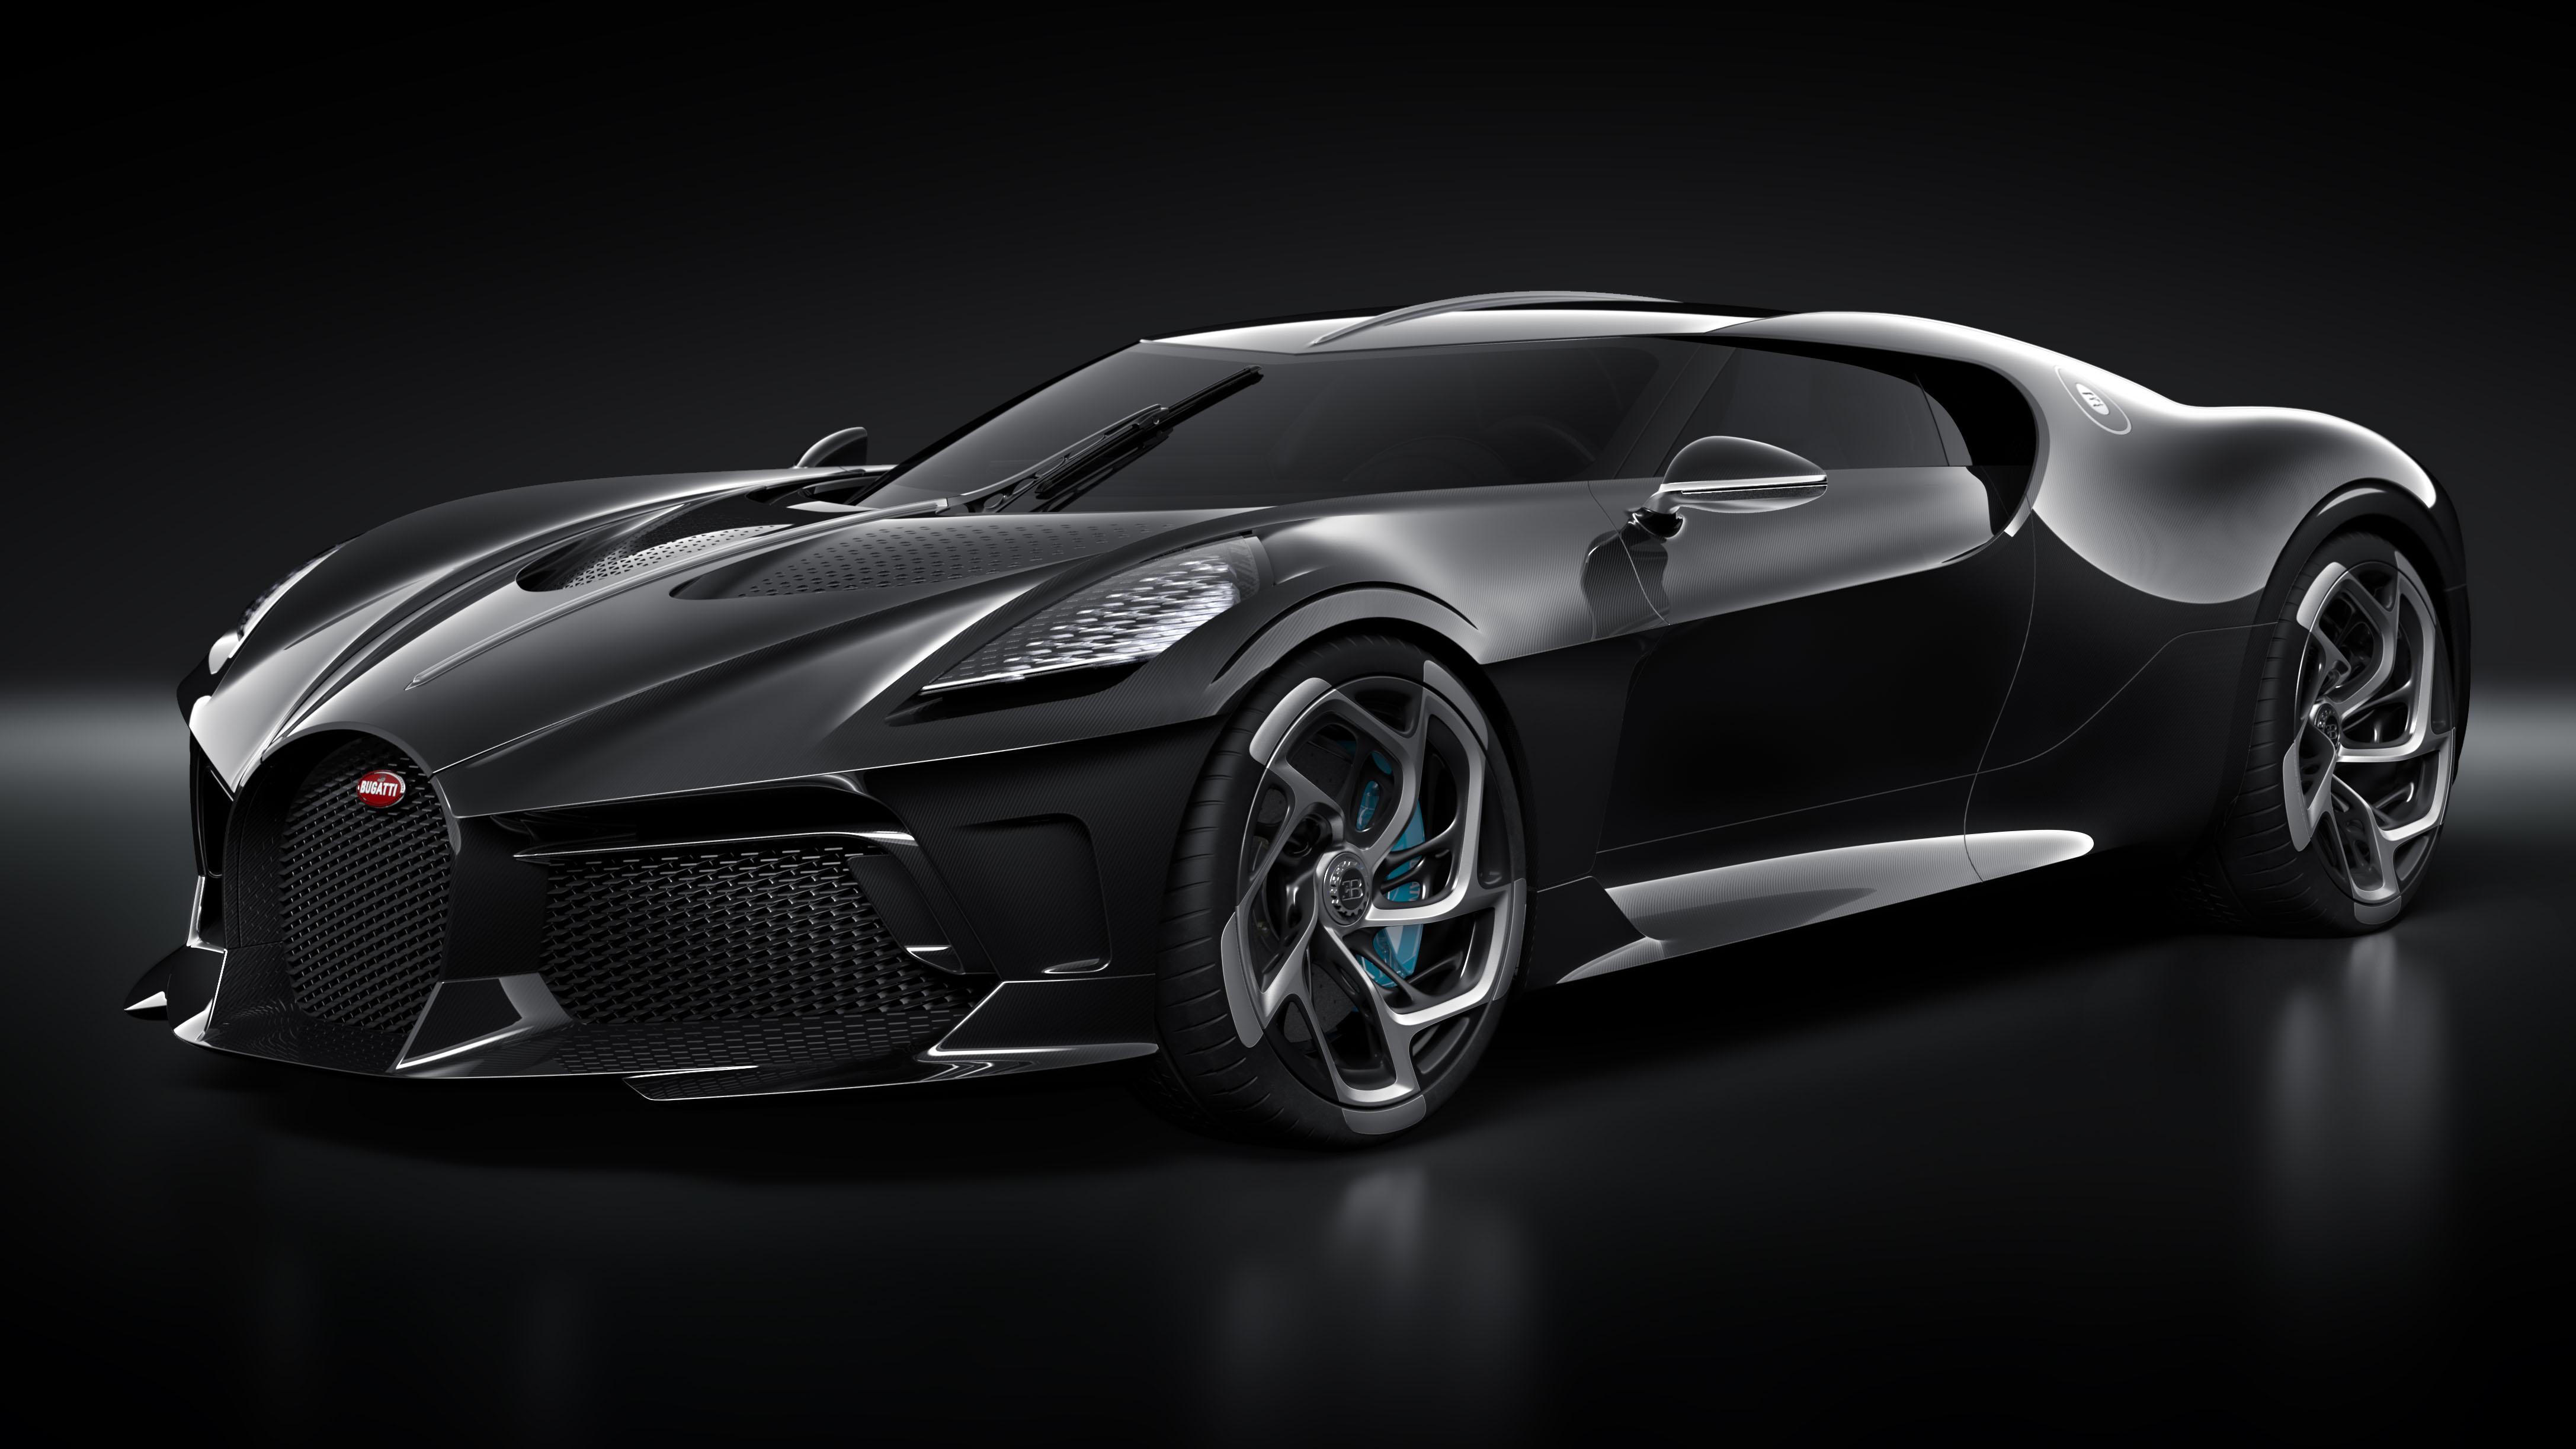 Bugatti La Voiture Noire 17 6 Million Hypercar Unveiled Caradvice